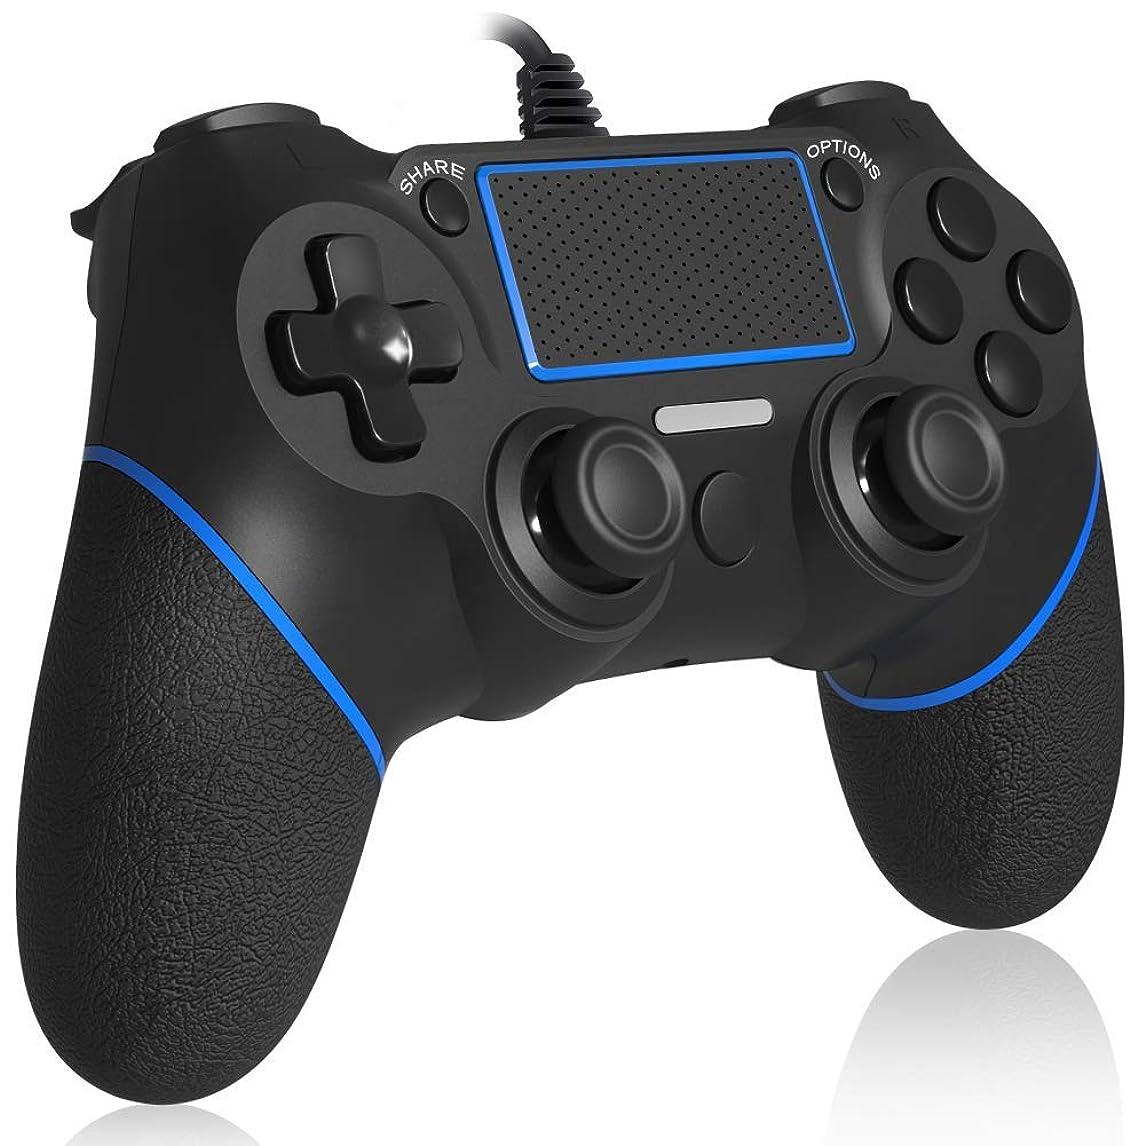 無許可コンパスハイキング【HD振動機能搭載】PS4 コントローラー NIJIAKIN PS4 Pro/Slim/PS3/PC対応 ゲームパッド USB 接続 【日本語説明書付き】ゲームコントローラー